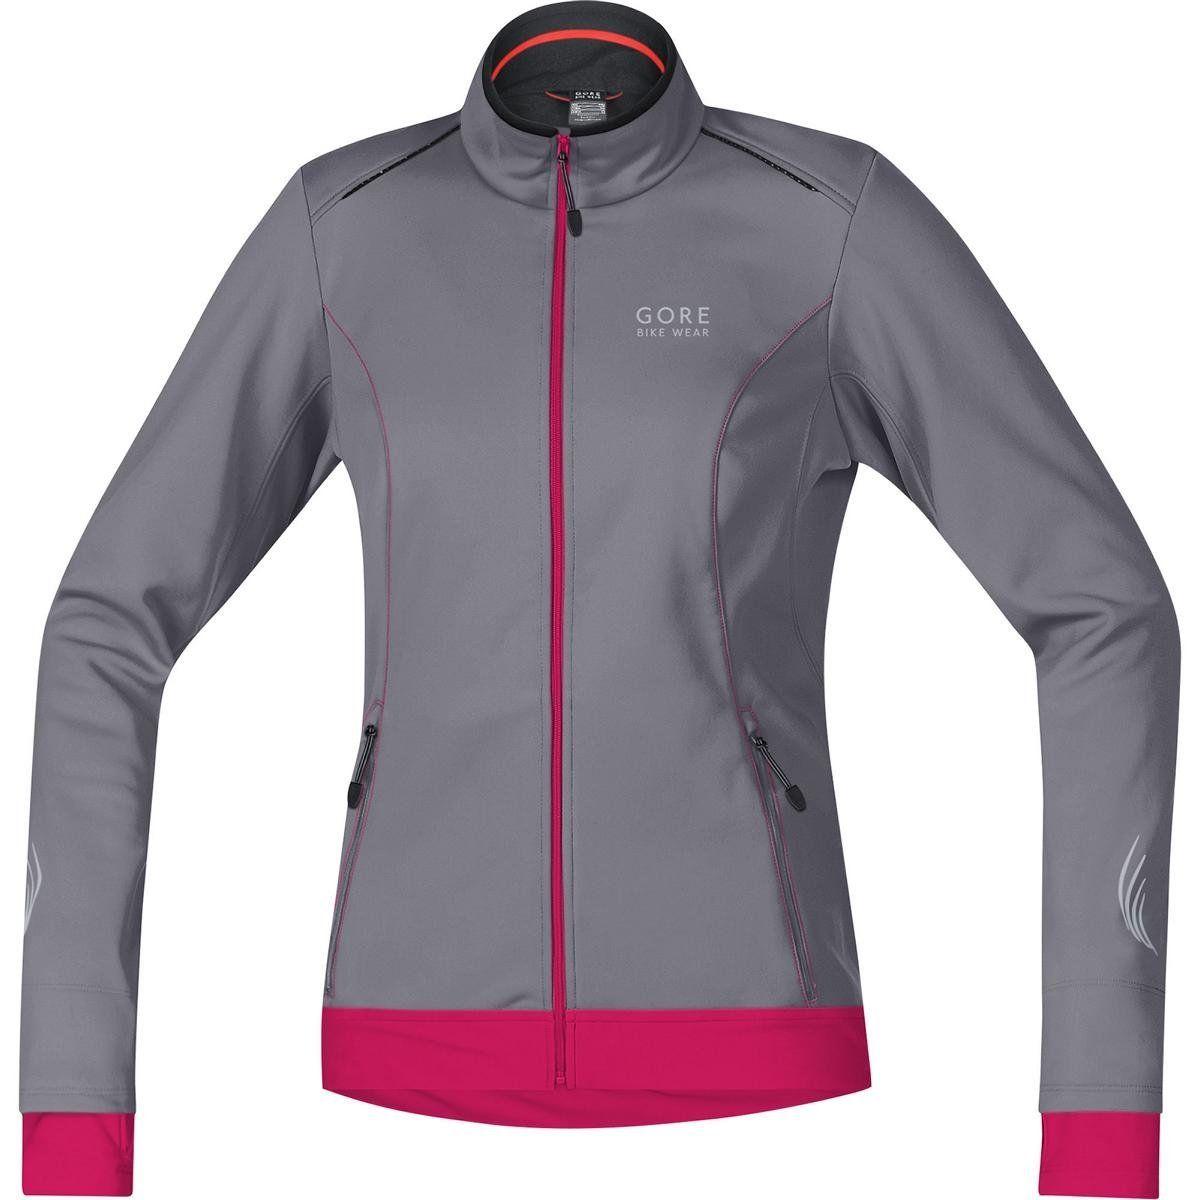 GORE BIKE WEAR Women s Lady Windstopper Soft Shell Jacket e4b03e83a